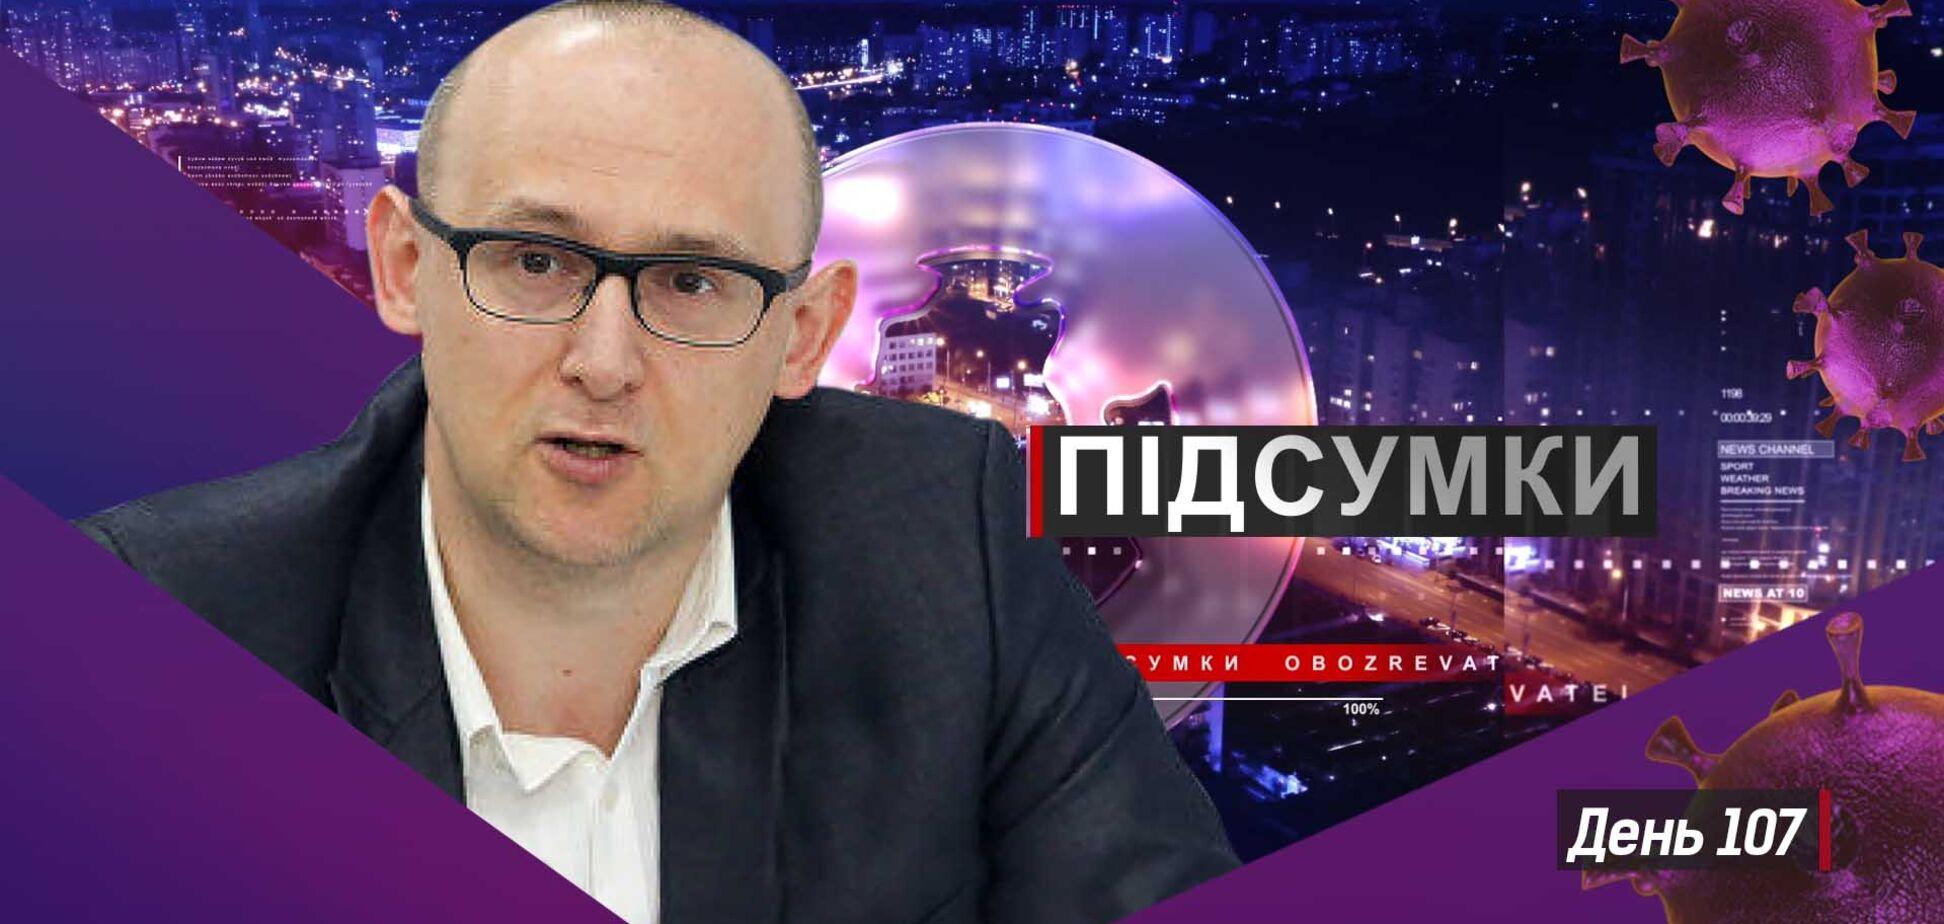 'Нафтогаз' остается монополистом: Корольчук о смене поставщика газа